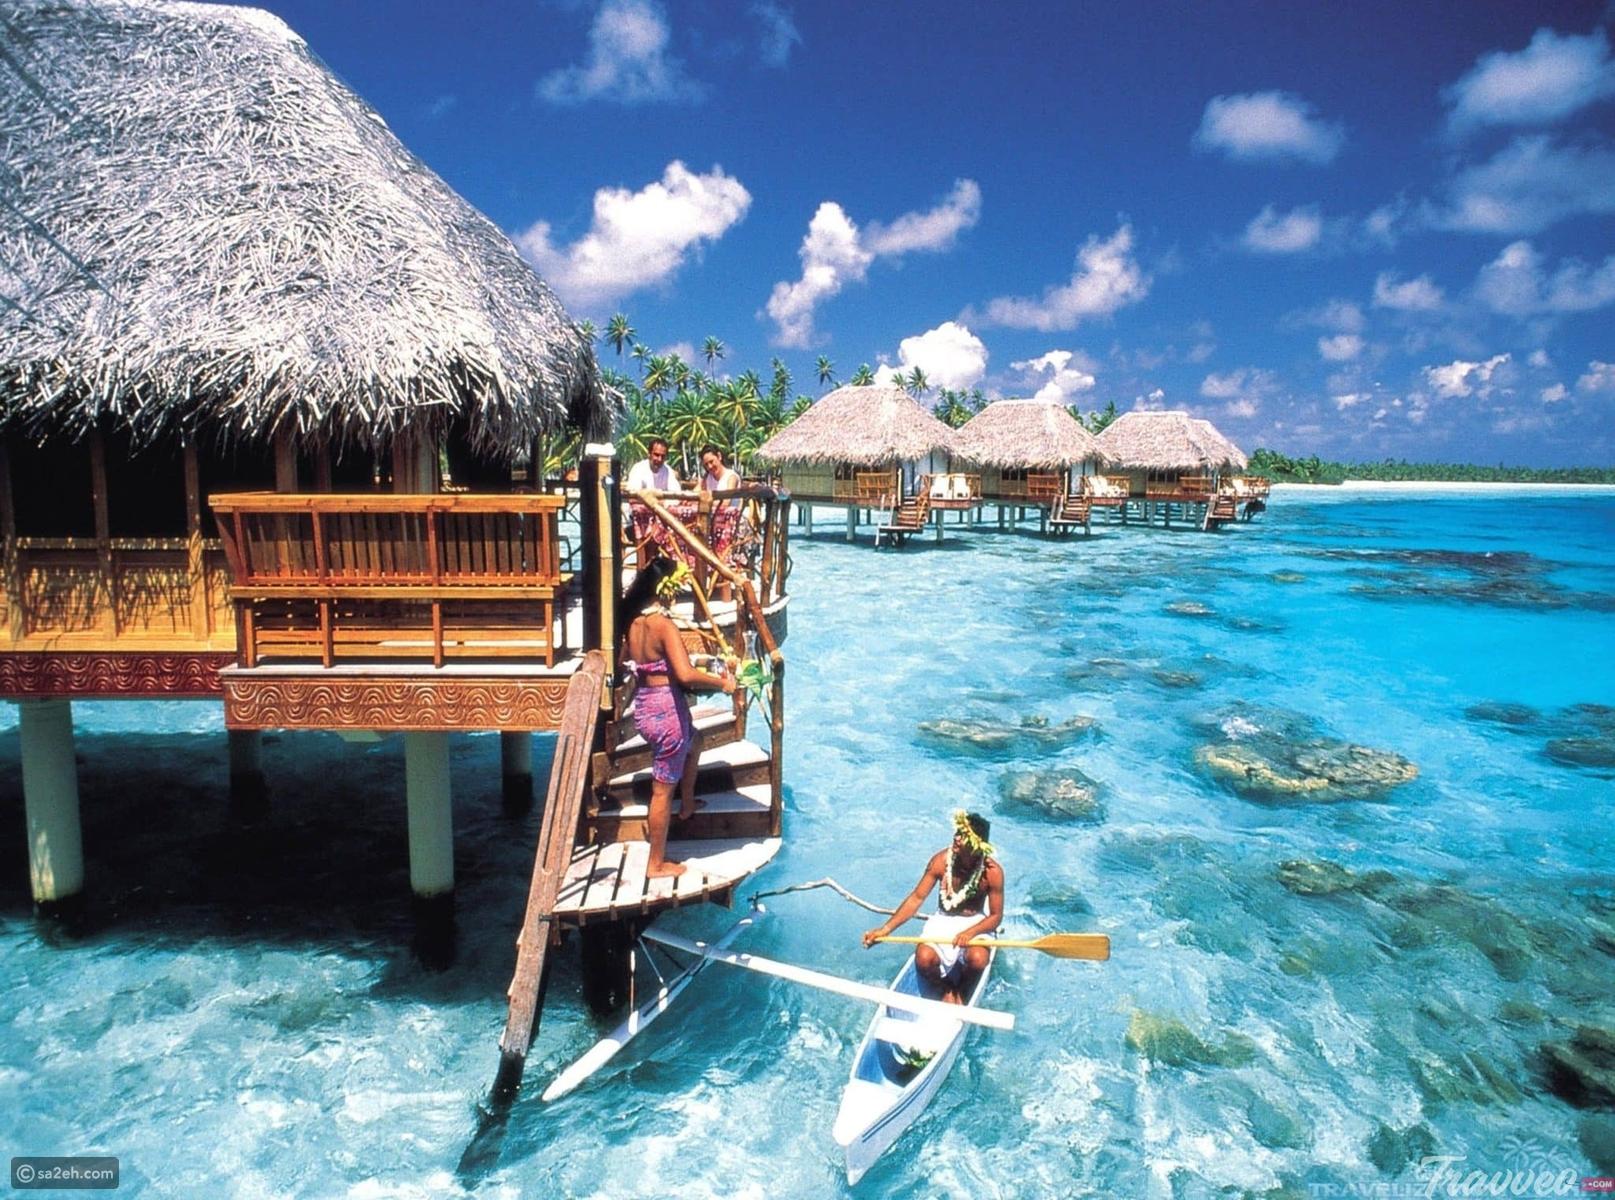 شاهد  ..  أجمل أماكن للسياحة والسفر في بورا بورا